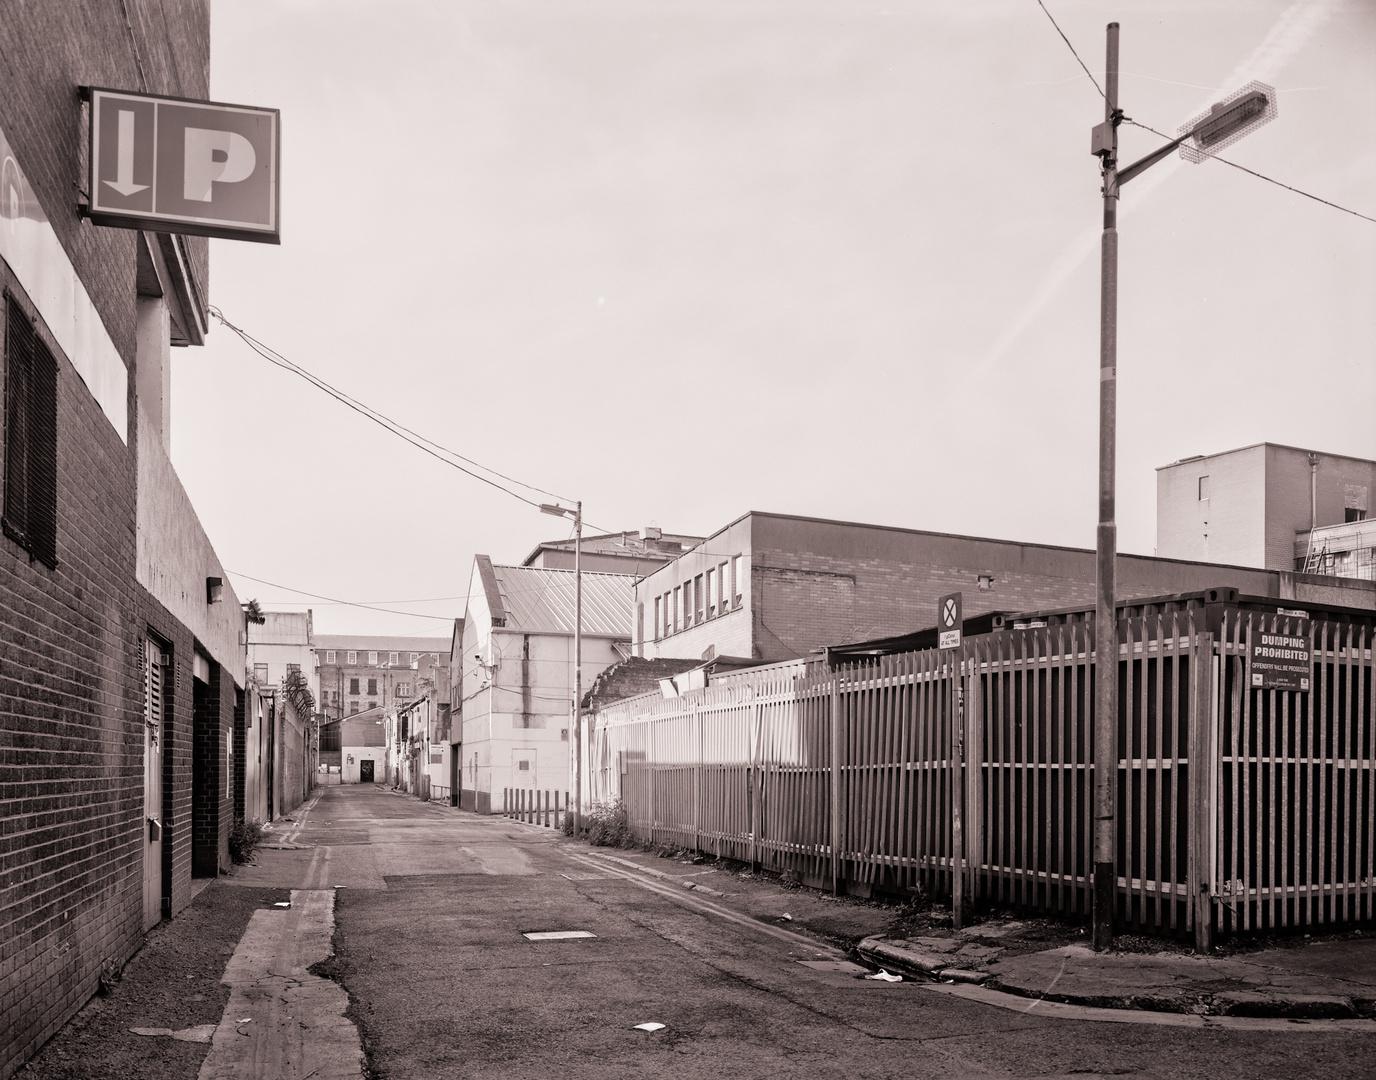 moore_street_films-3.jpg